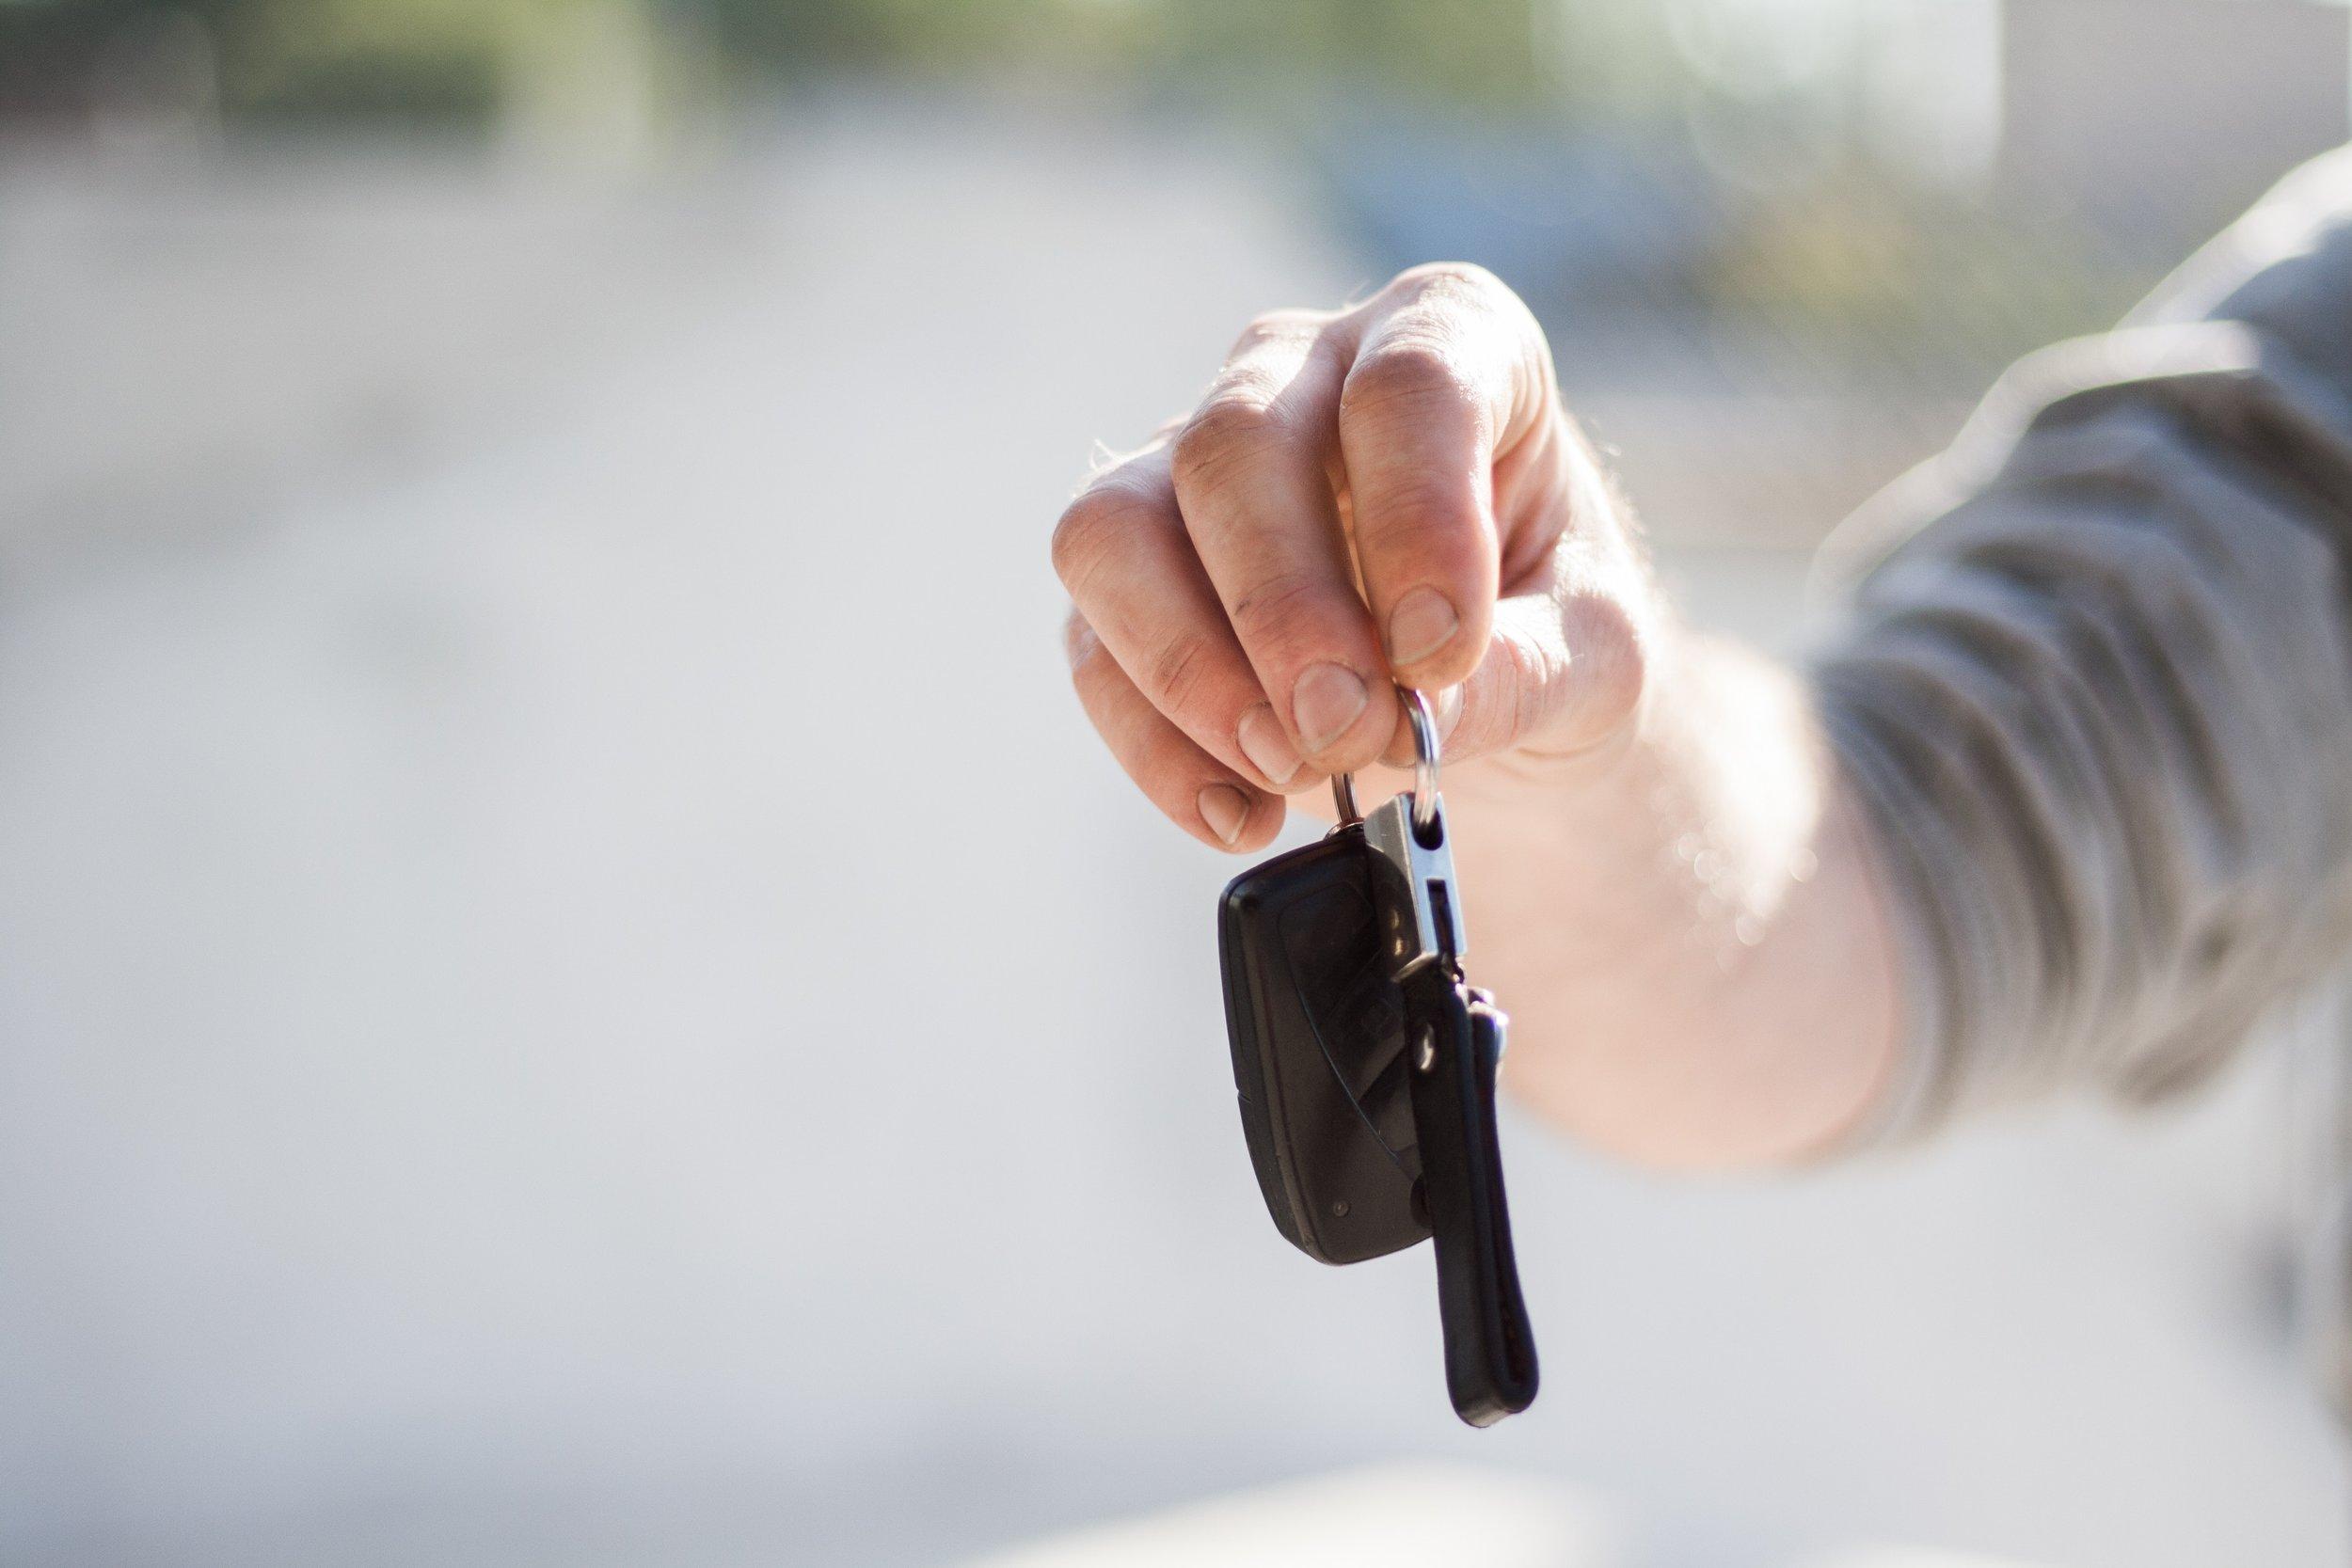 car-buying-car-dealership-car-key-97079.jpg